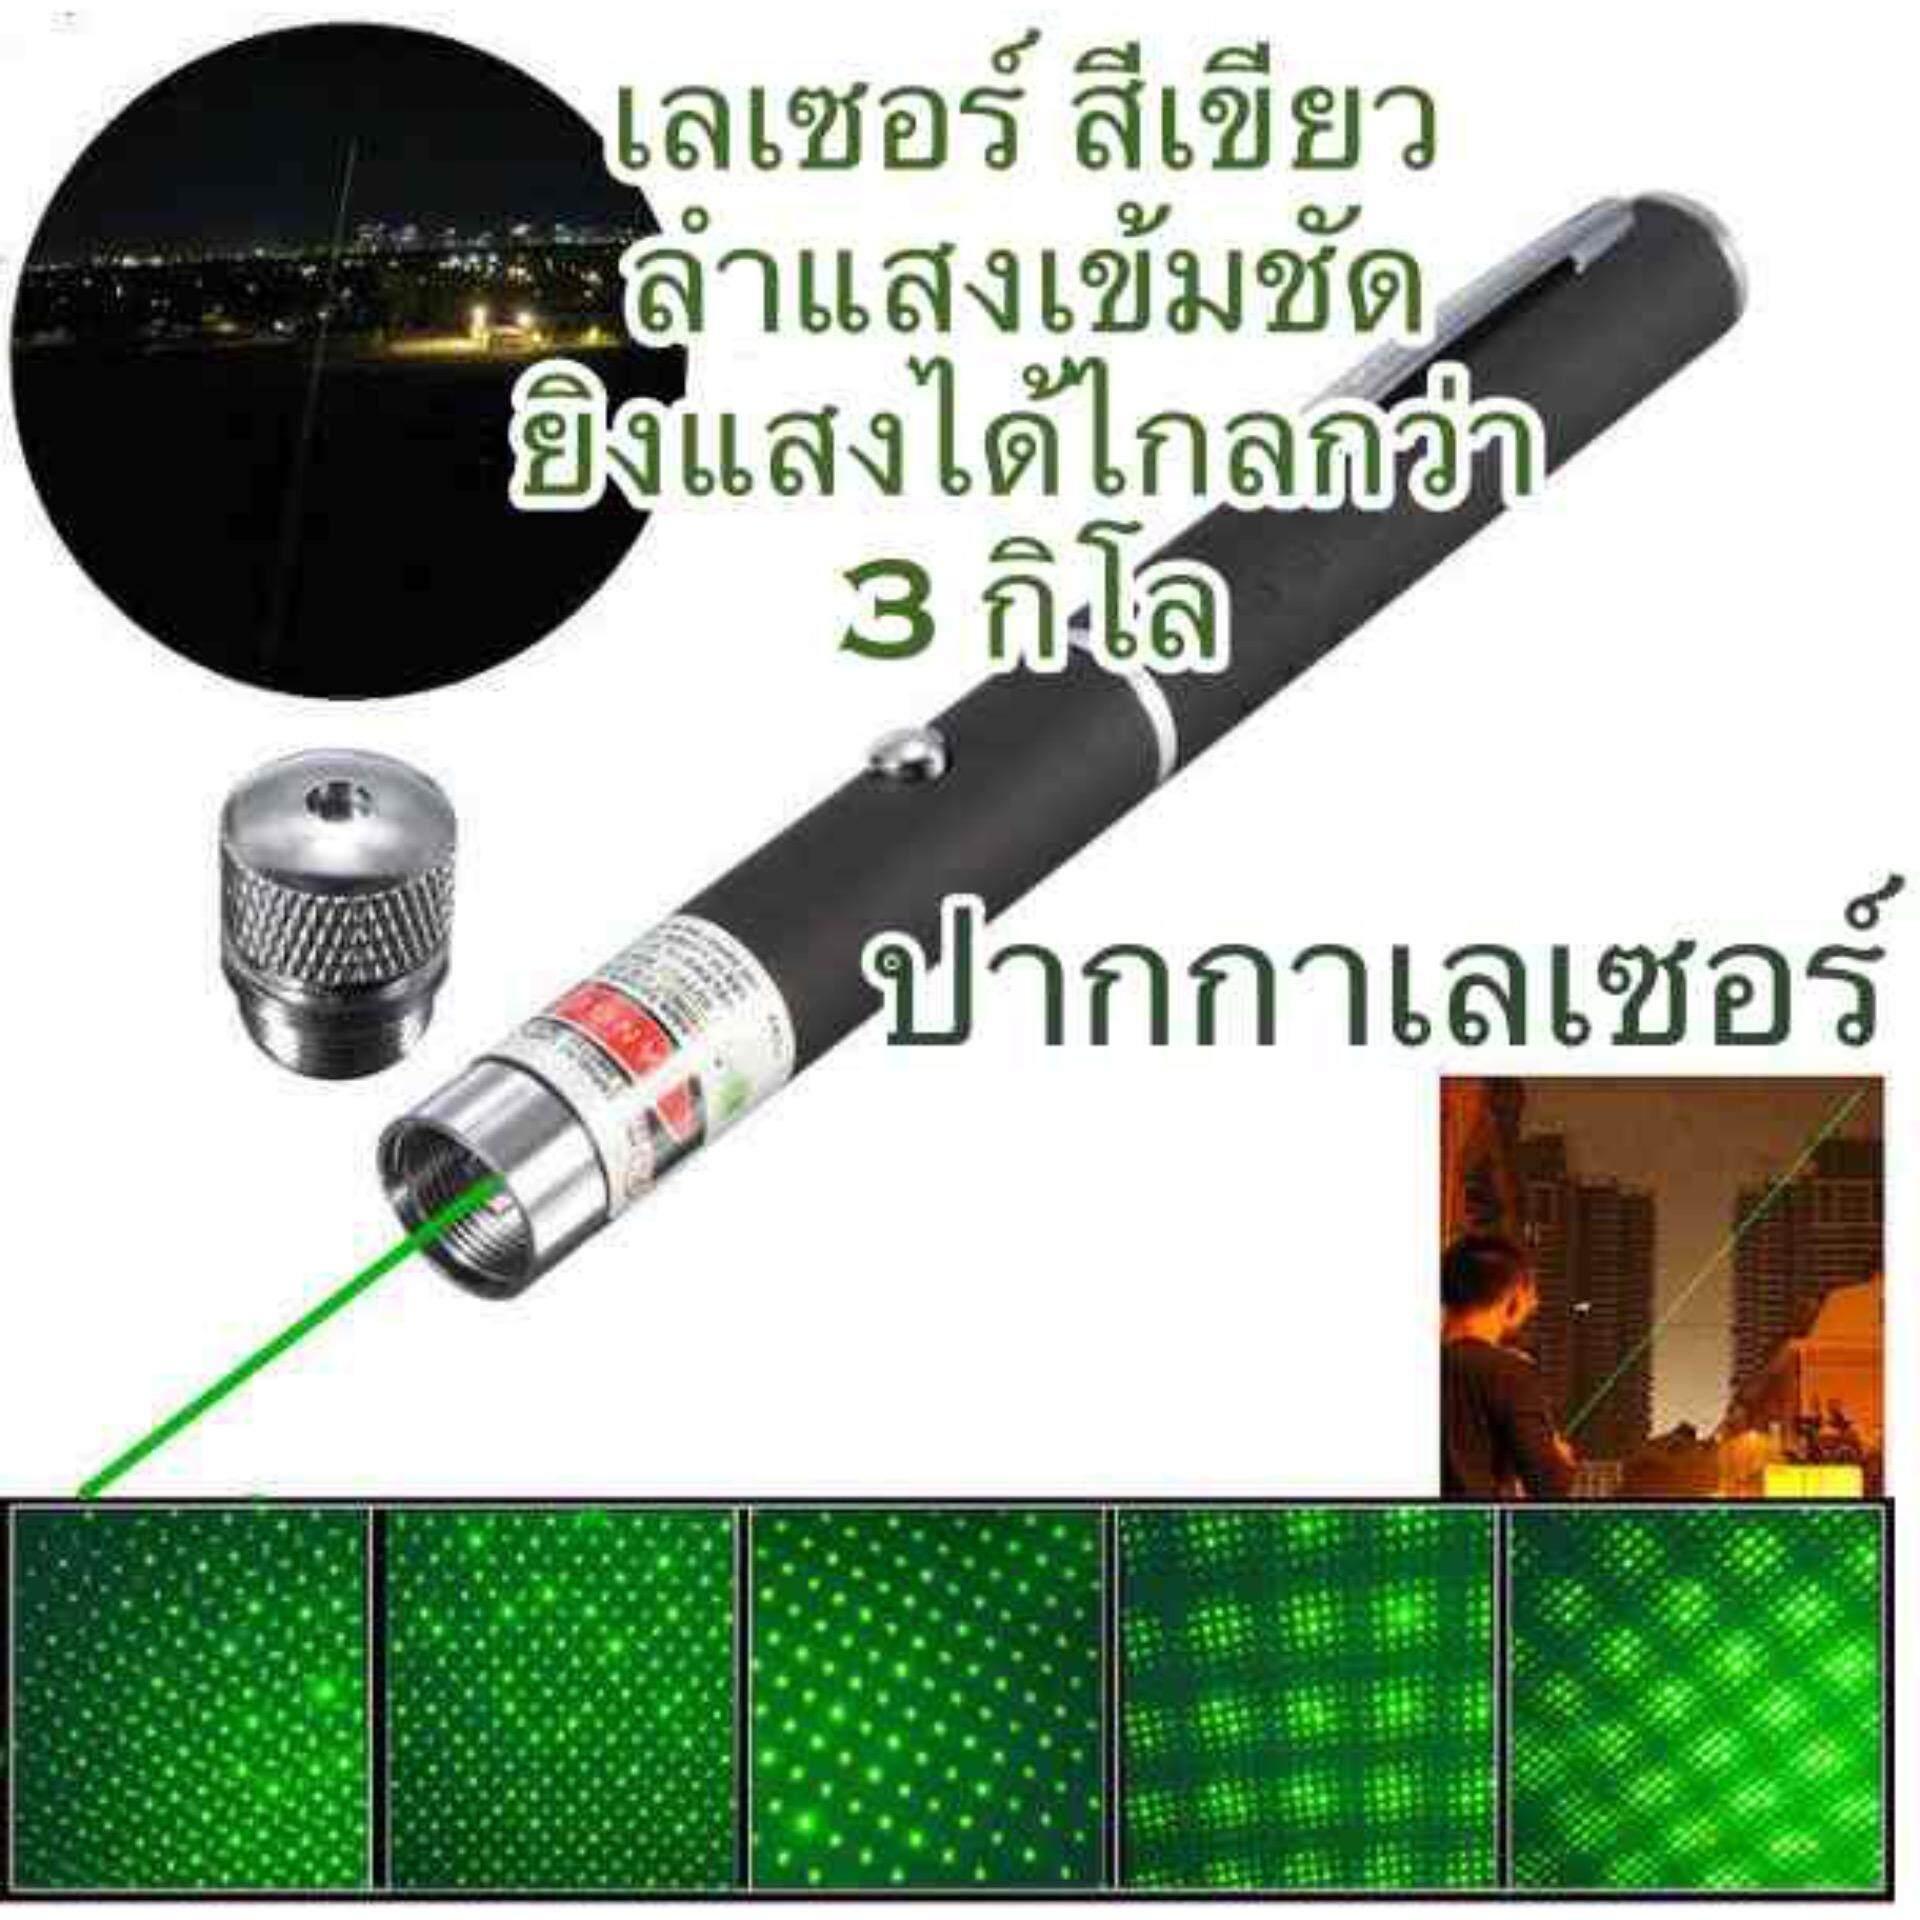 เลเซอร์ สีเขียว 2000 Mw ลำแสงเข้มชัด ยิงแสงได้ไกลกว่า 3 กิโล Green Laser Pointer  พร้อมแบต 2 ก้อน.